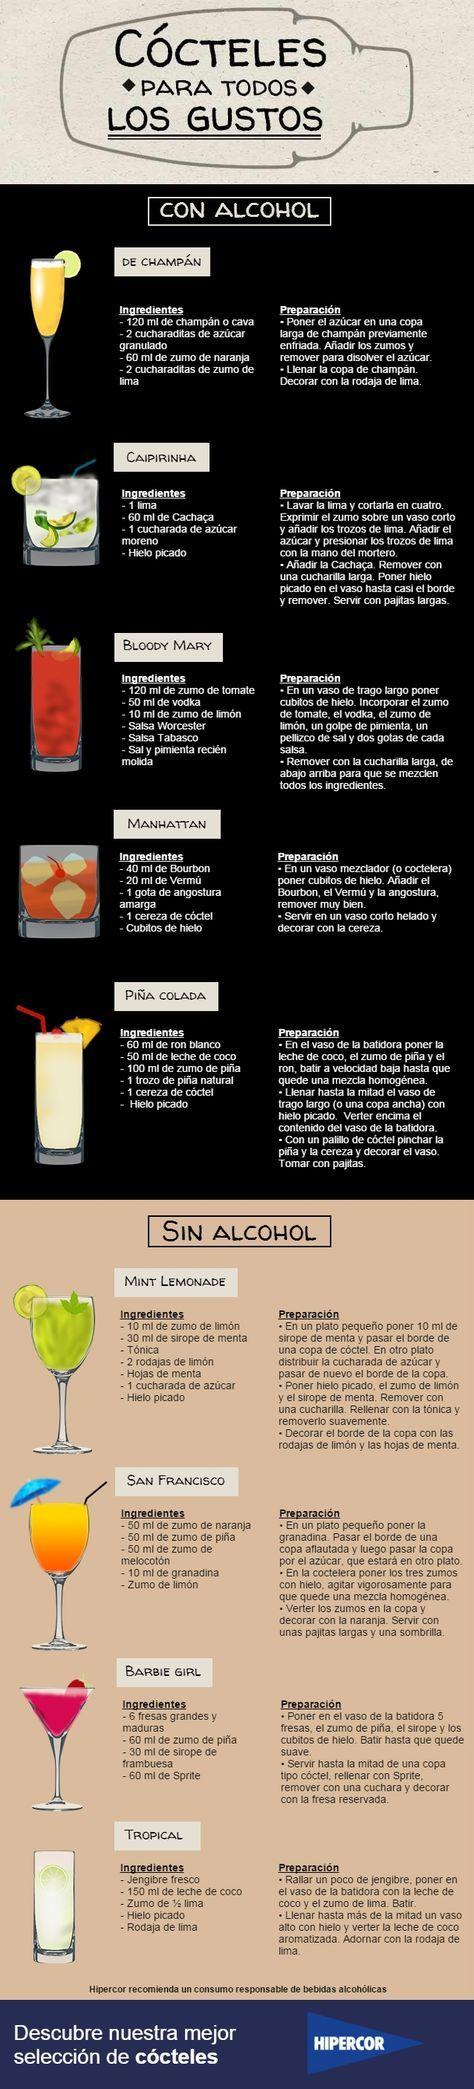 La #cocteleríaaConscienteña guía de #Cócteles . La #coctelería un #ArteGastronomíco